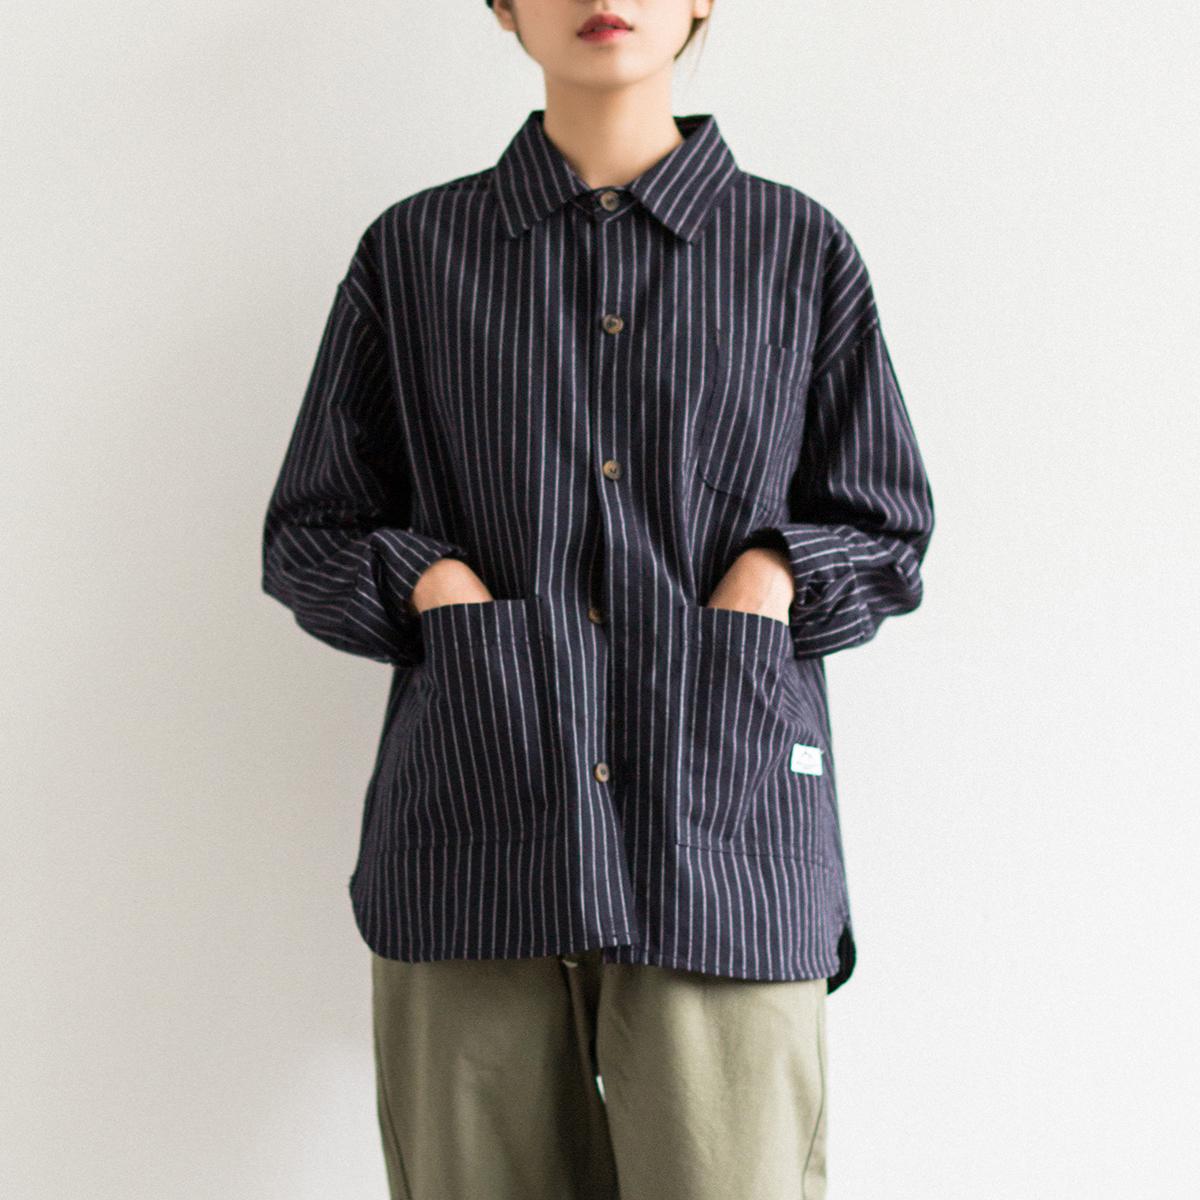 EpicSocotra18/AW美式多口袋条纹长袖衬衫男女同款工装衬衣薄外套满218.00元可用100元优惠券